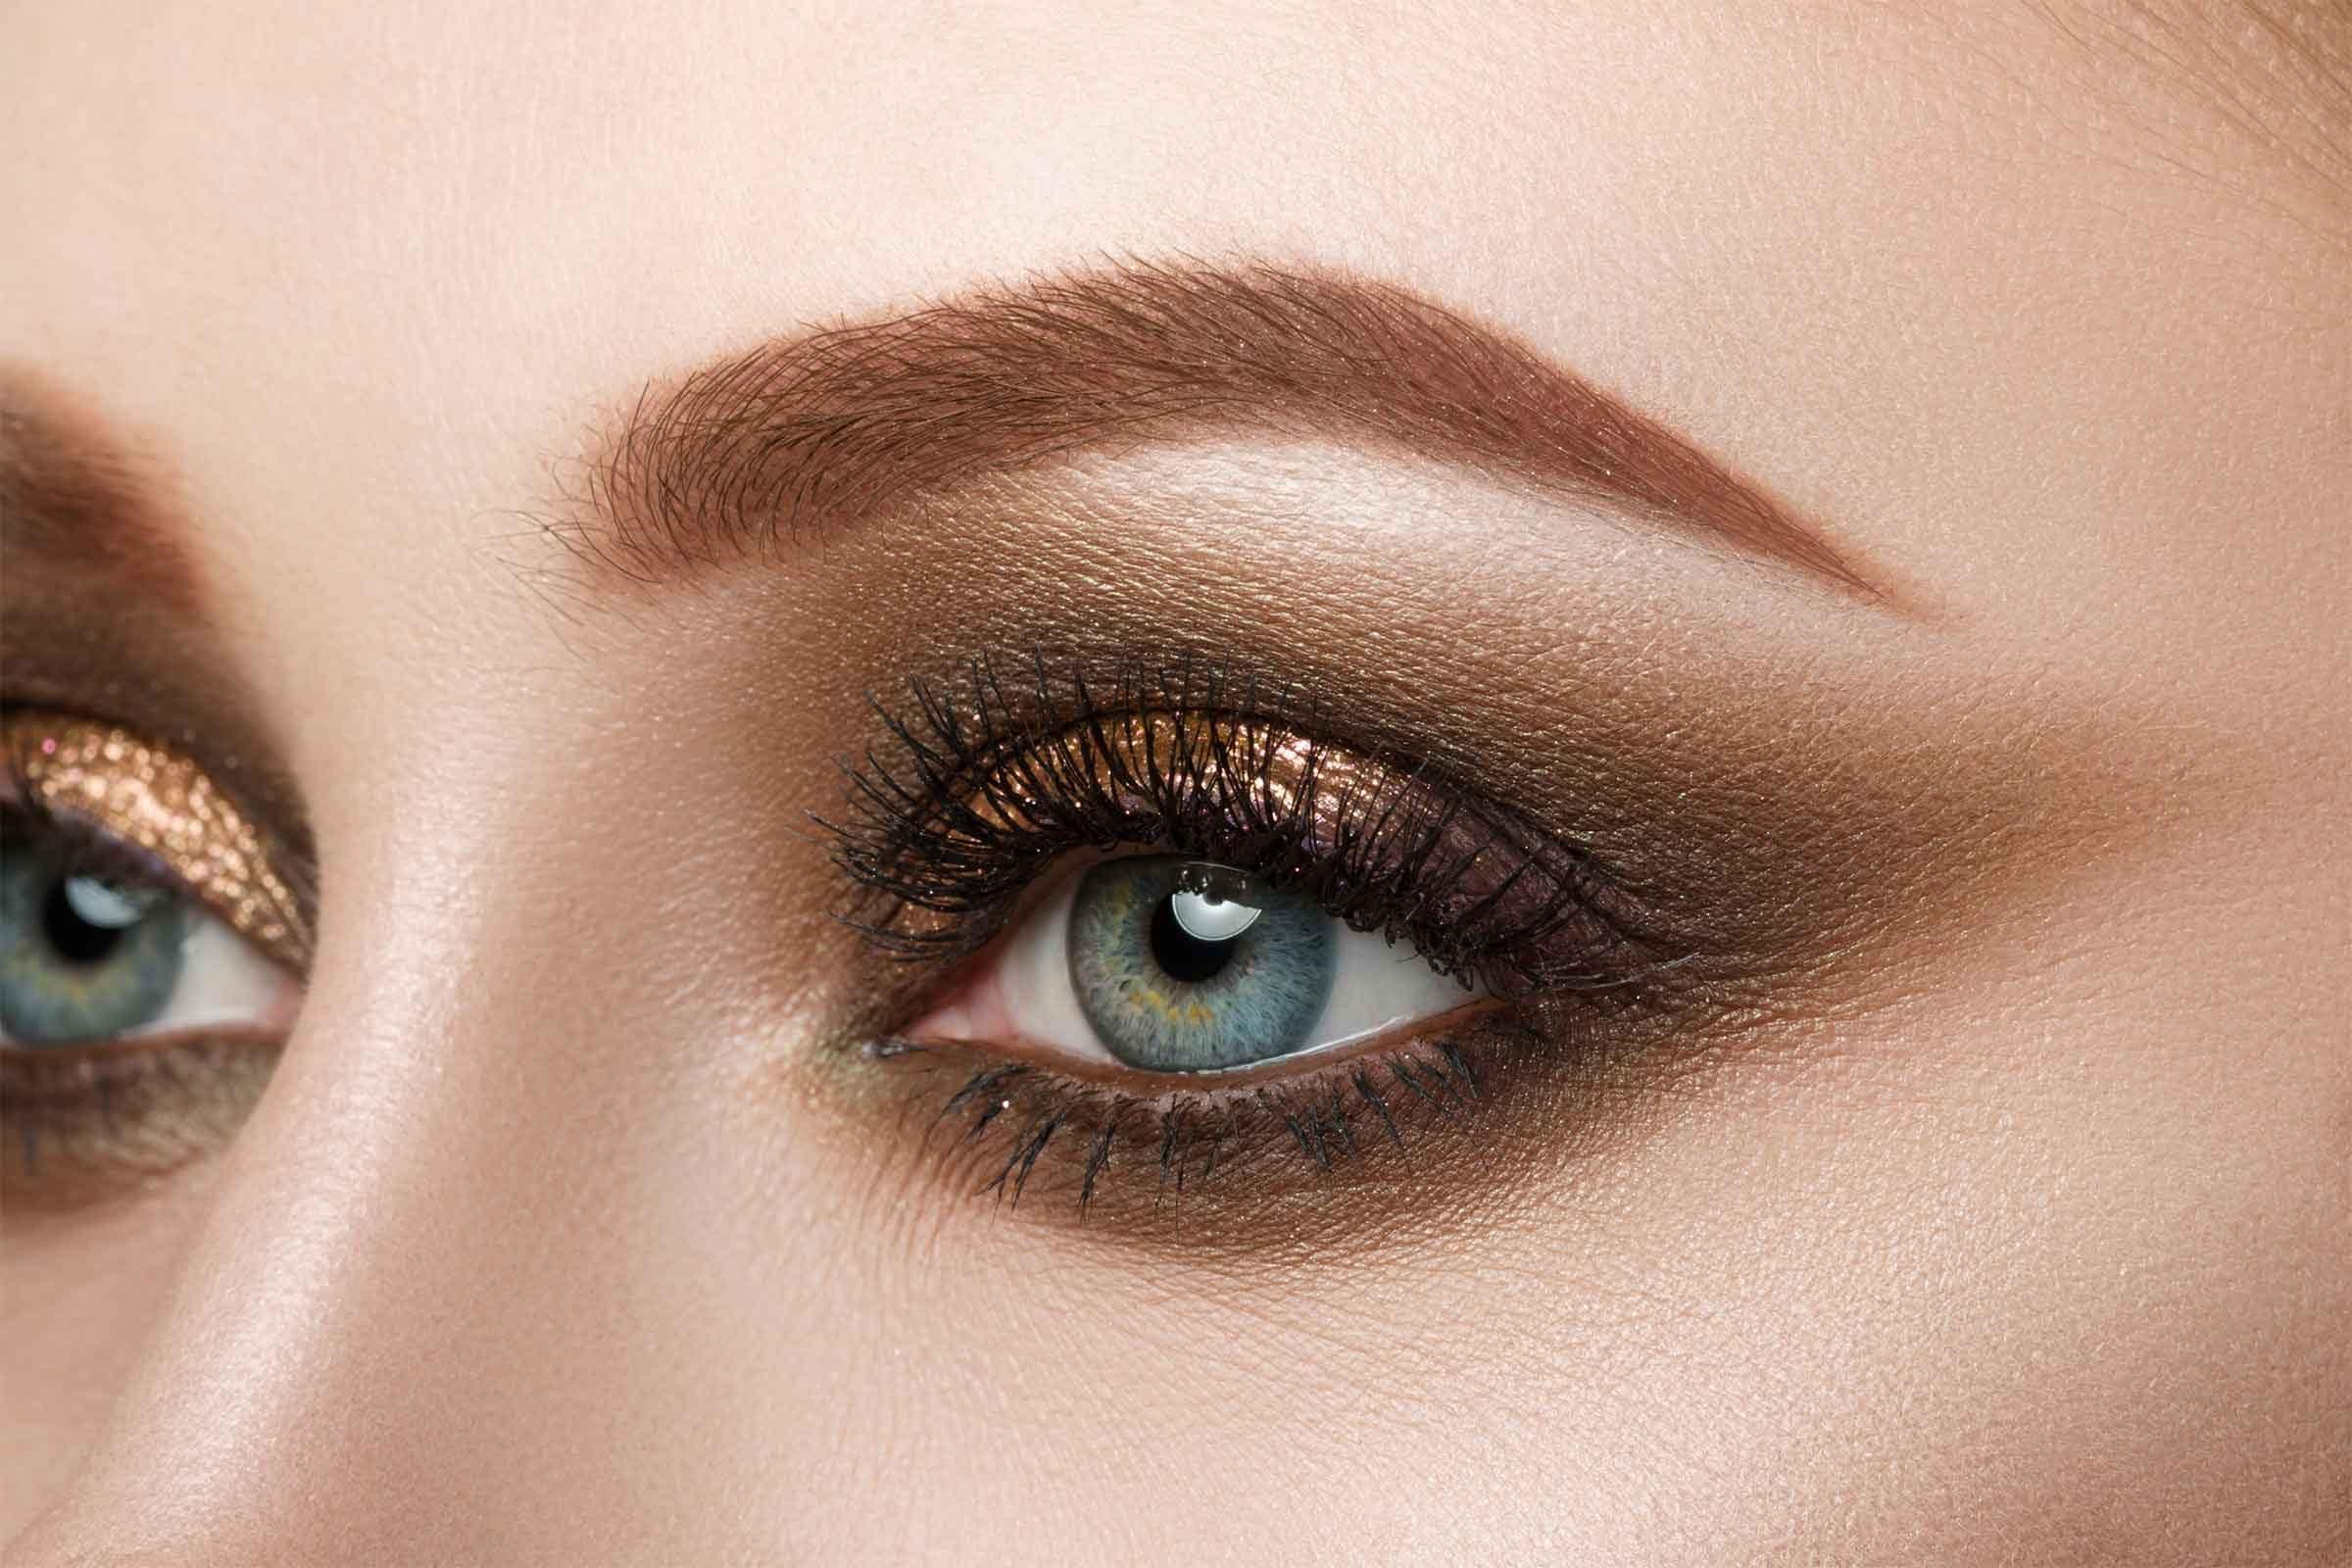 Eye Makeup Tips: 7 Ways To Make Your Eyes Pop